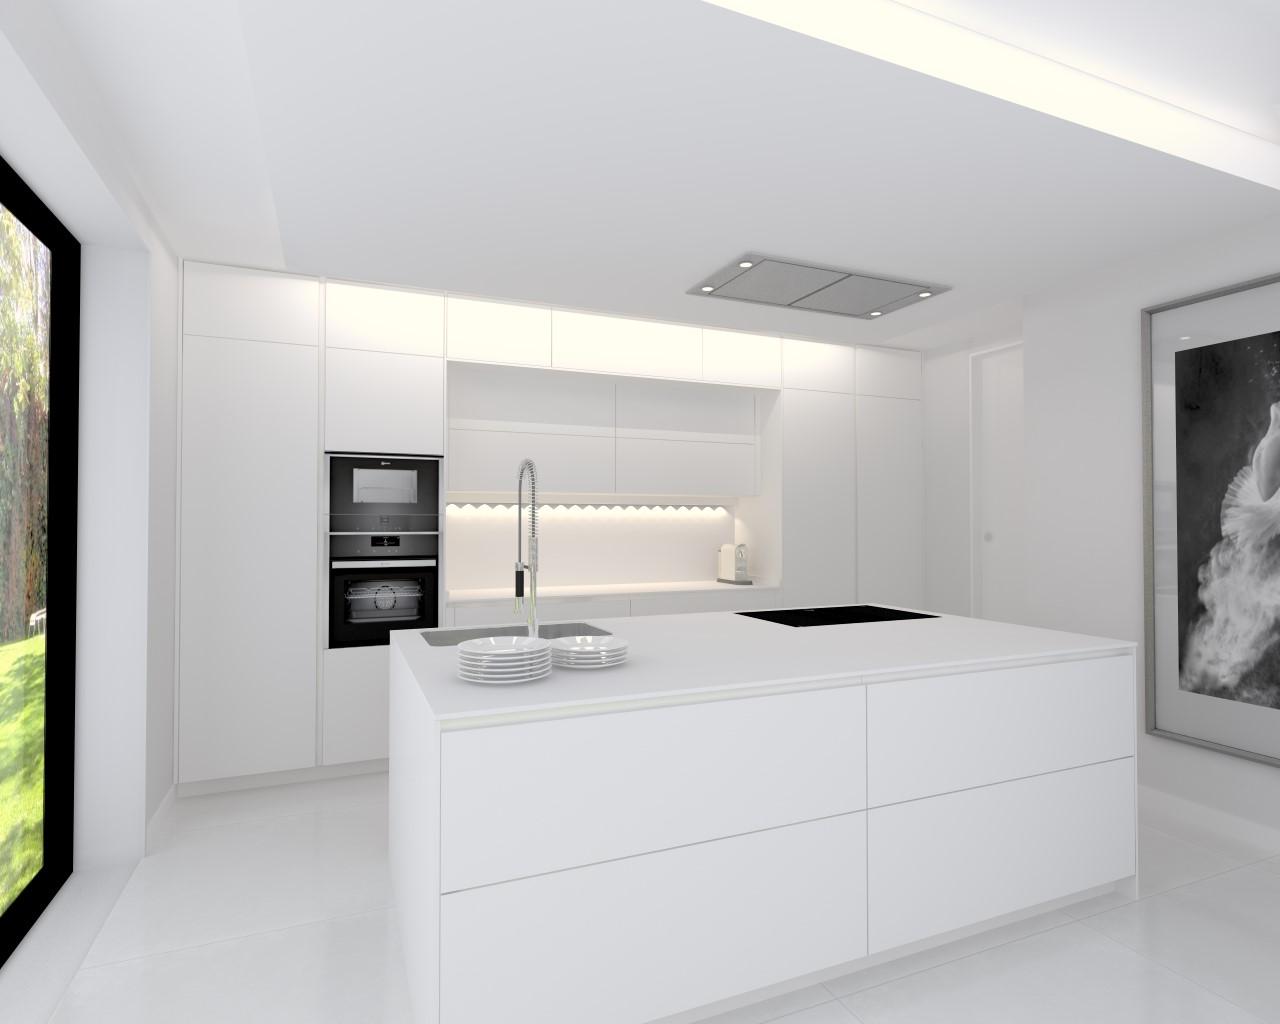 Cocina Santos con muebles blanco Innsbruck - Estudio Cocinas DC